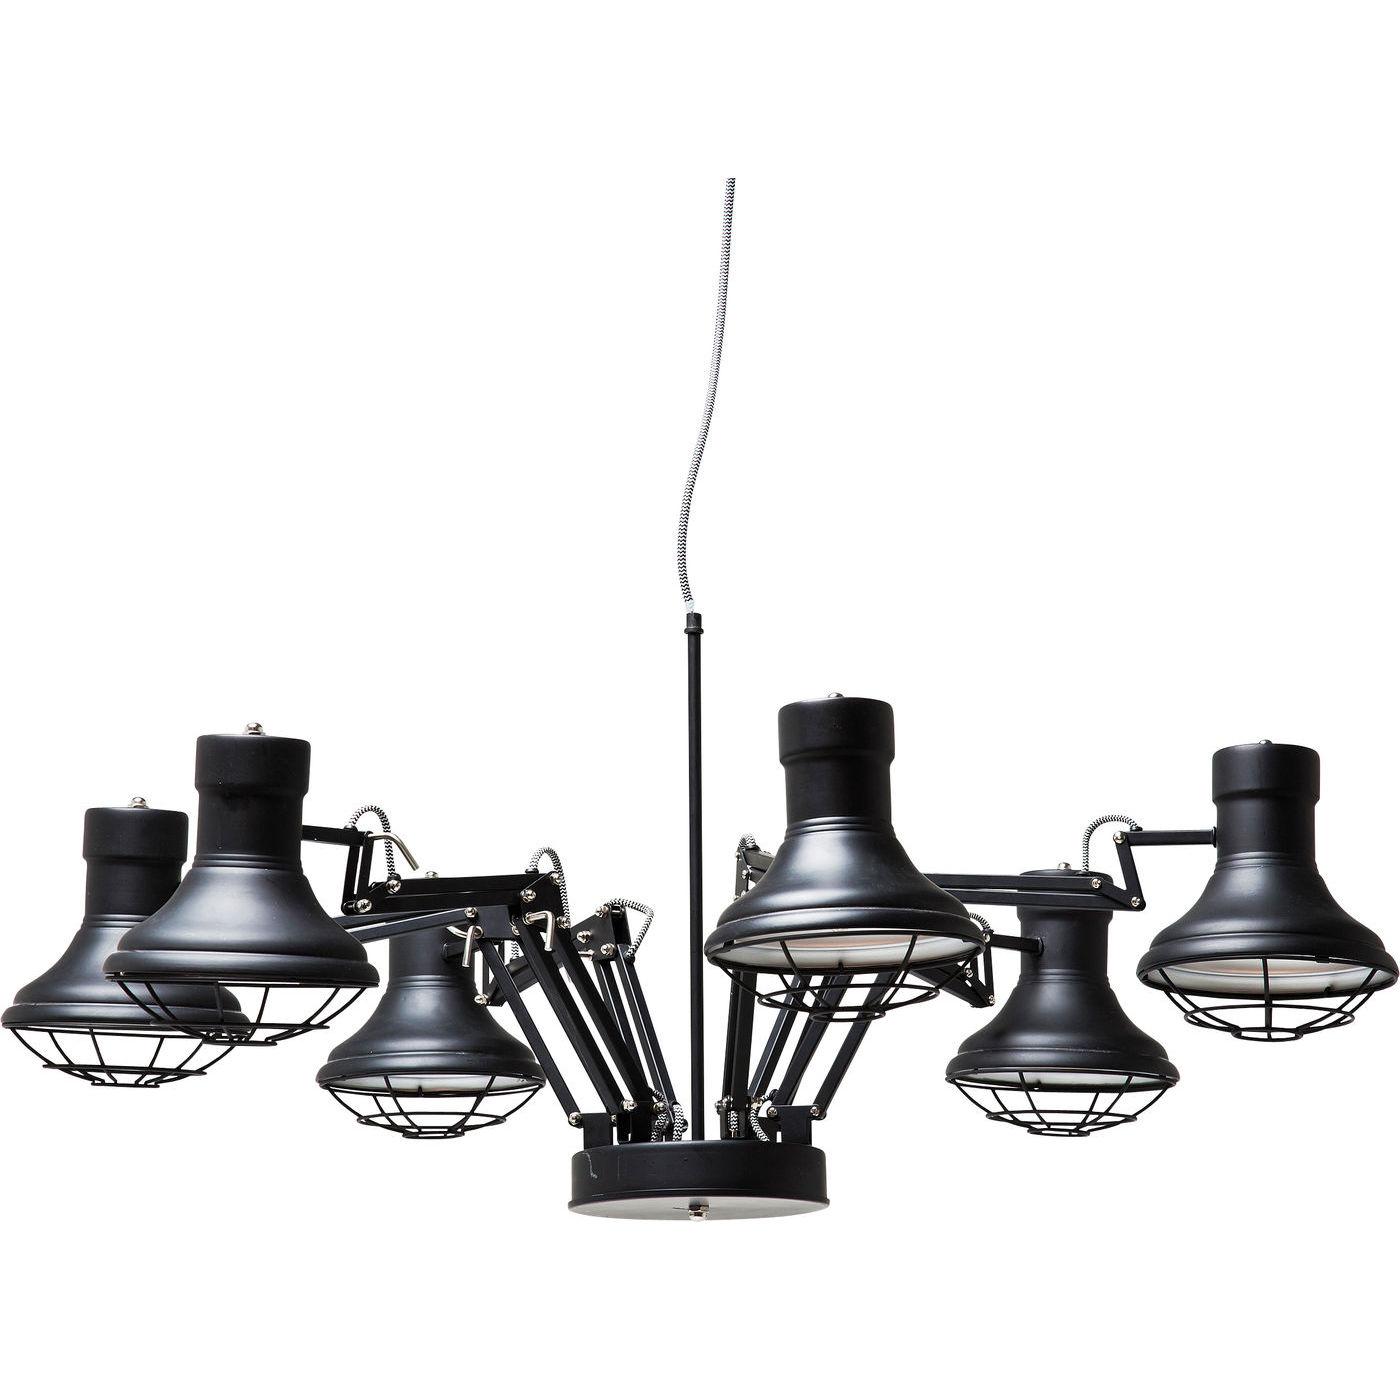 Billede af Kare Design Loftslampe, Spider Multi